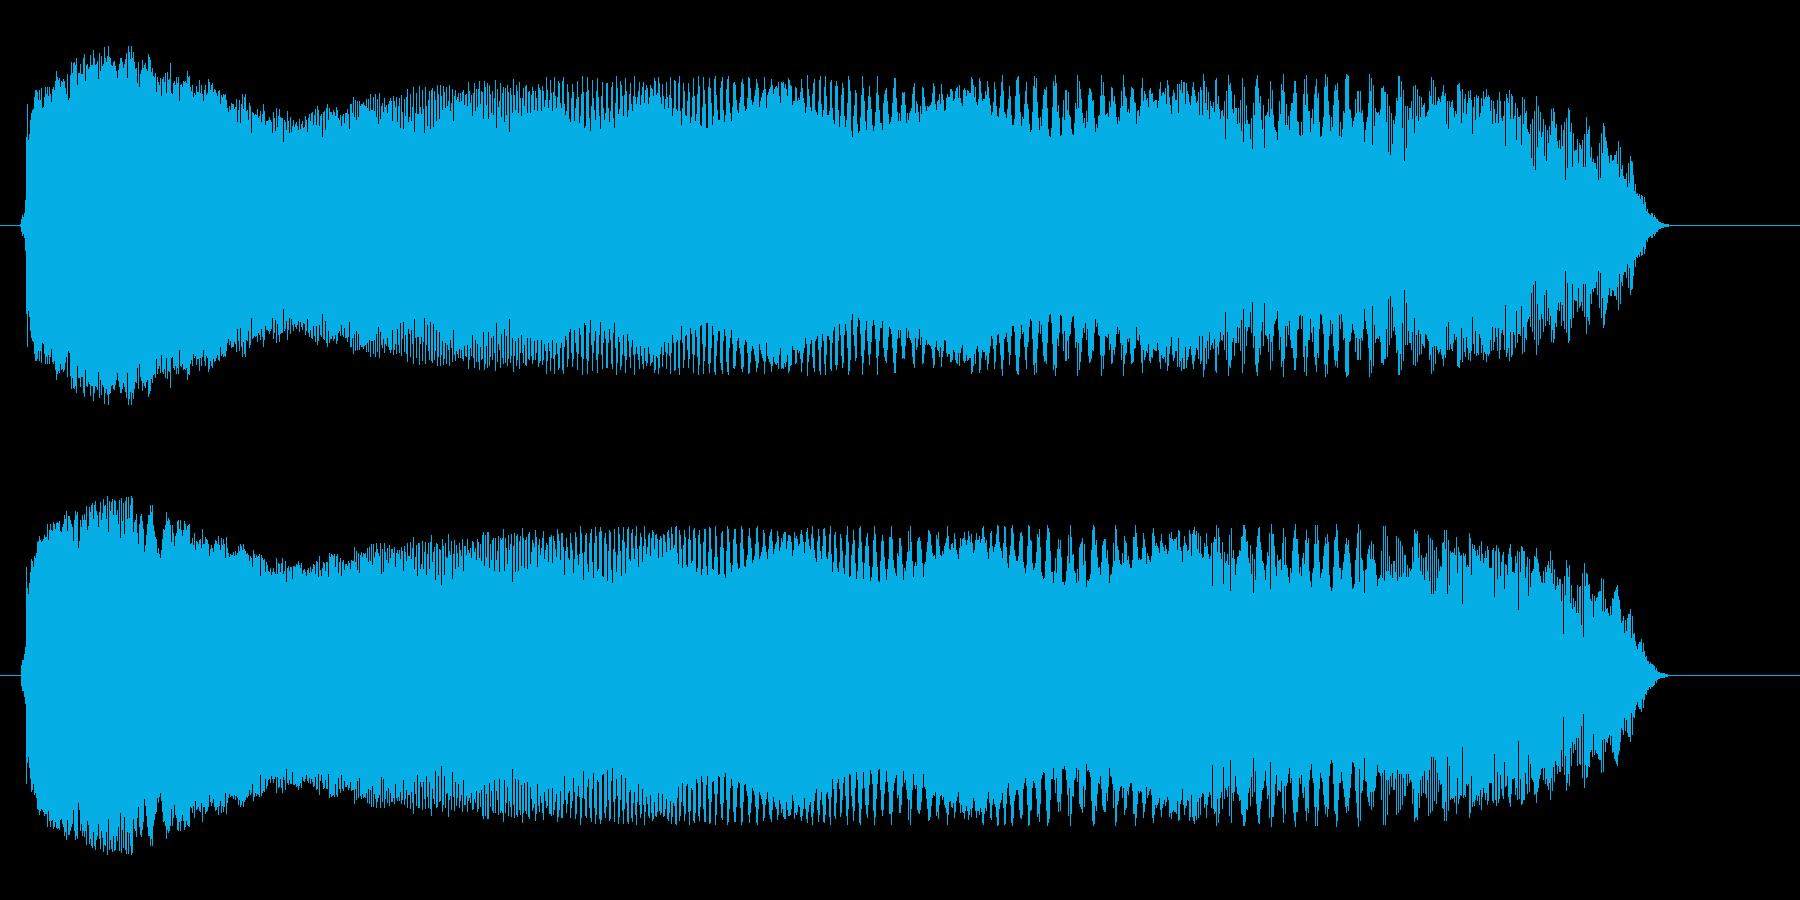 ピョロロロロ(UFOが移動する音)の再生済みの波形